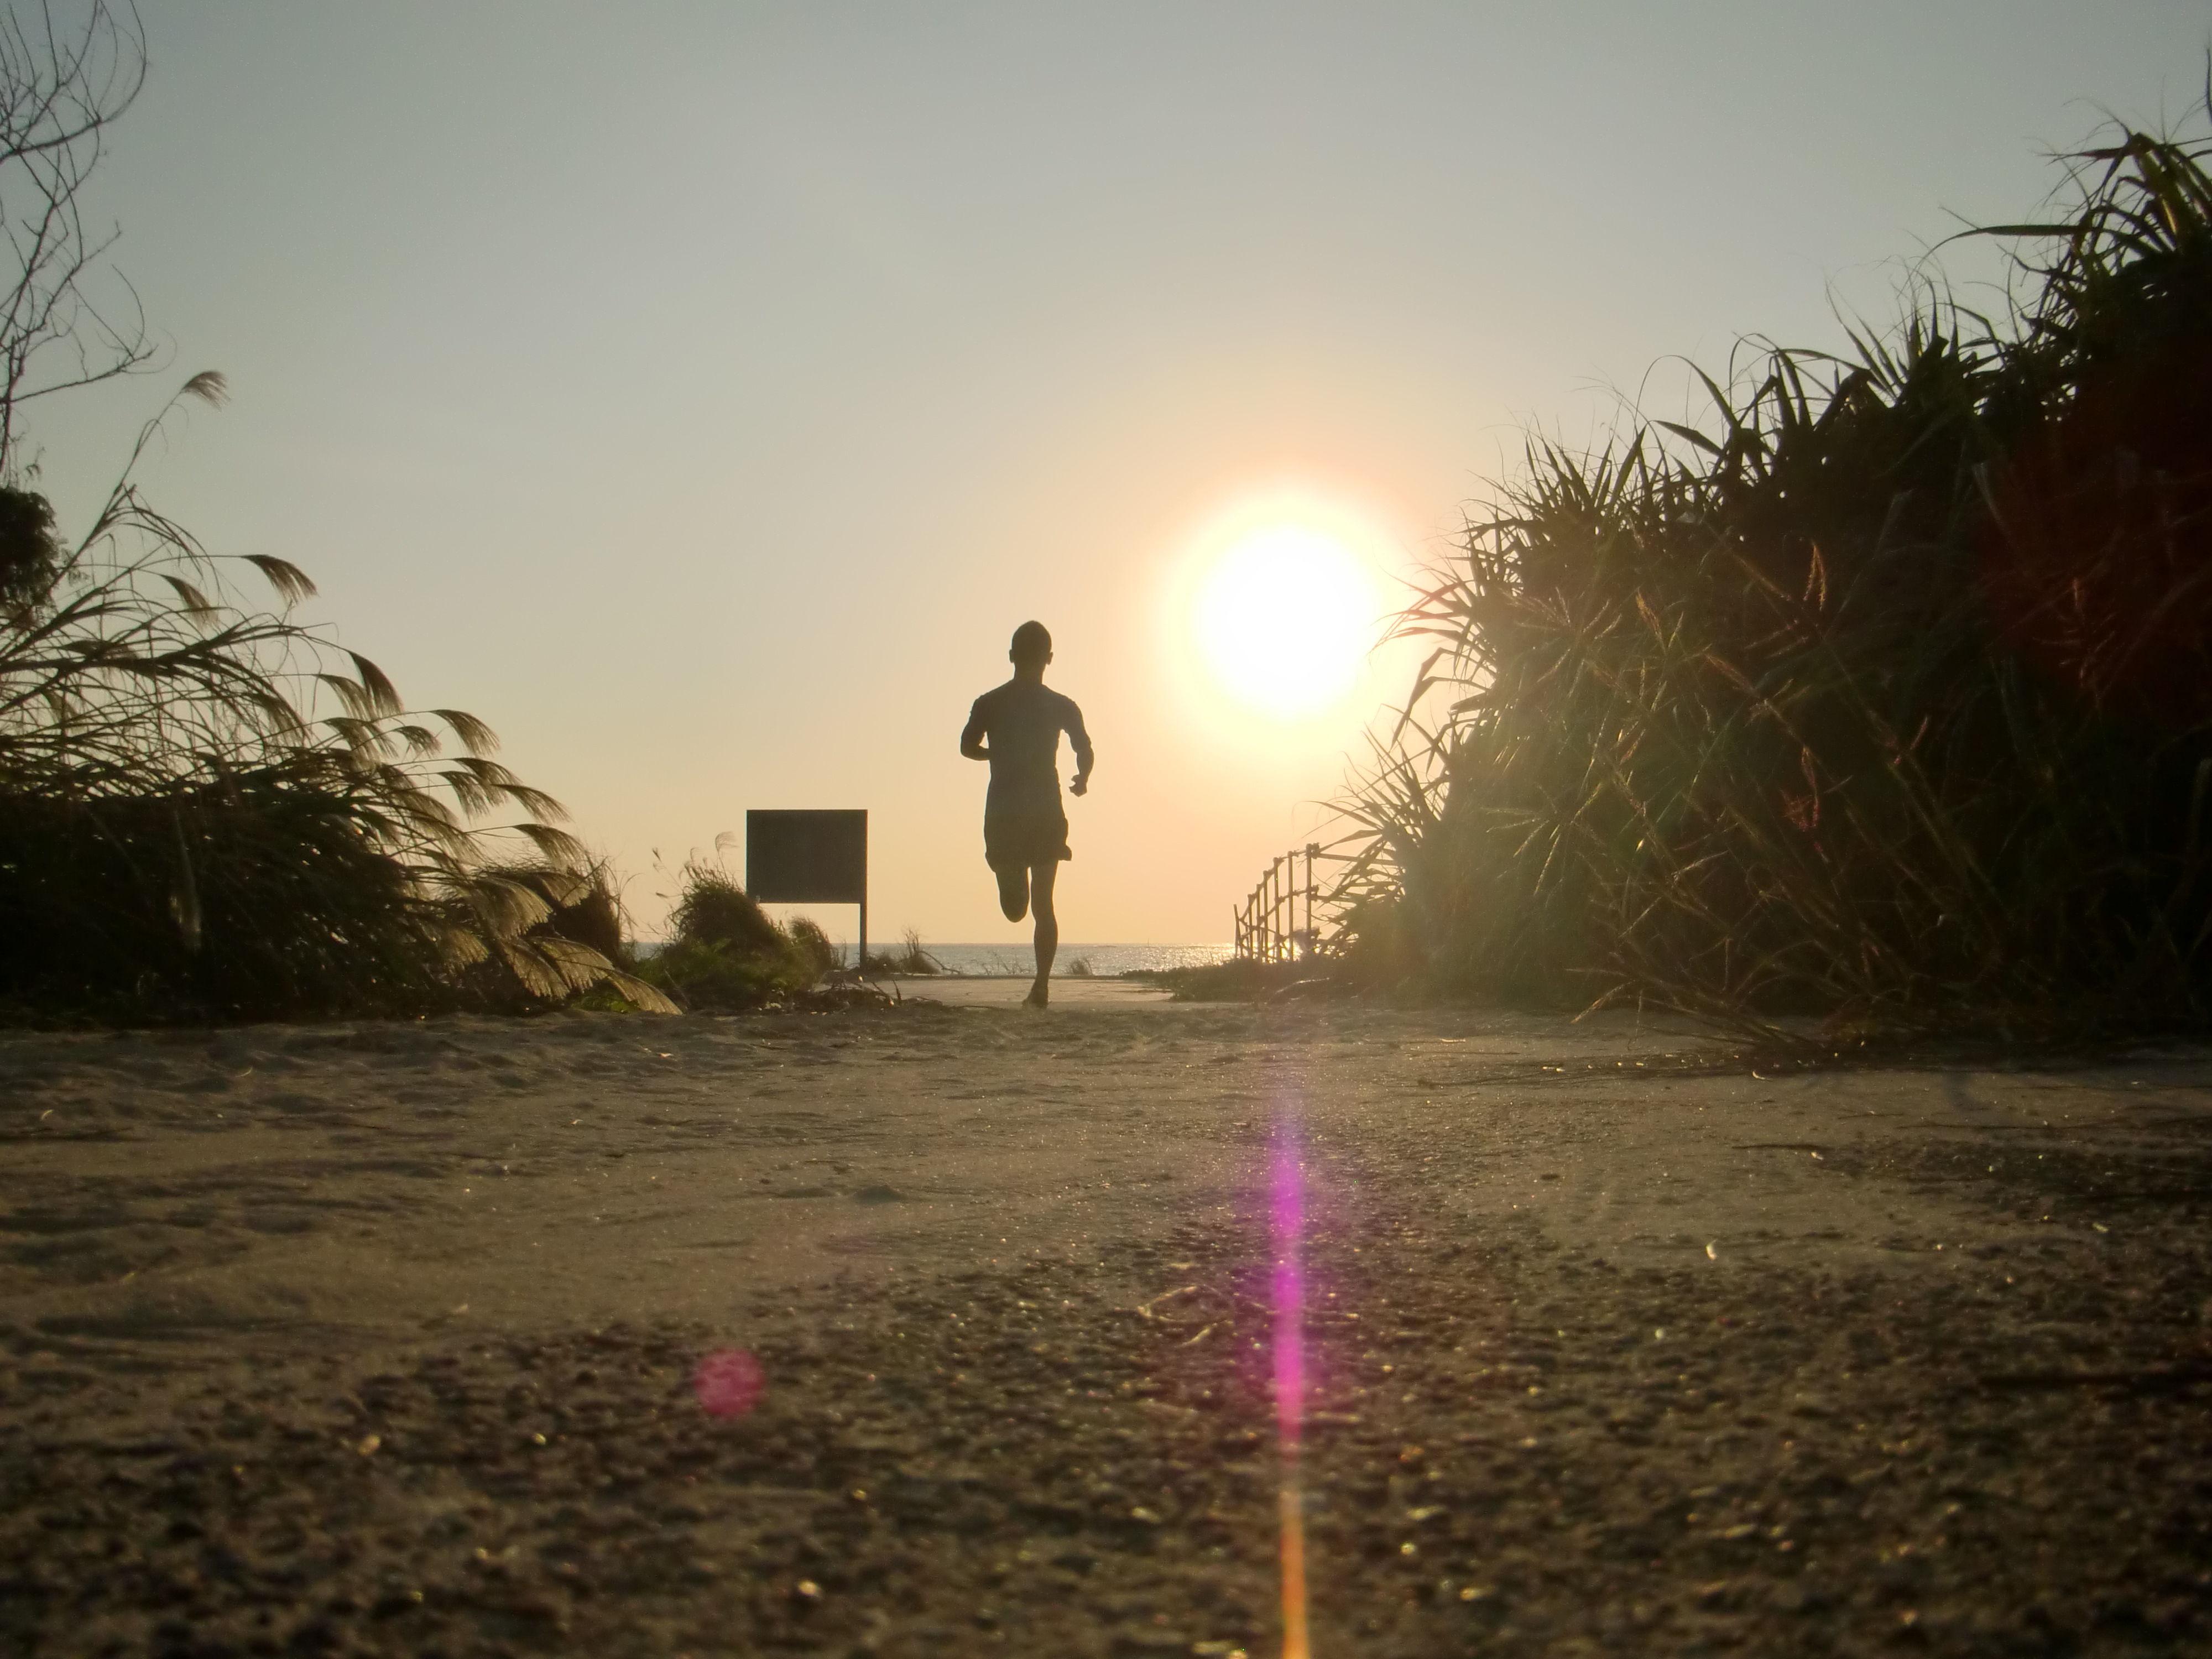 「ランナー 夕日」の画像検索結果